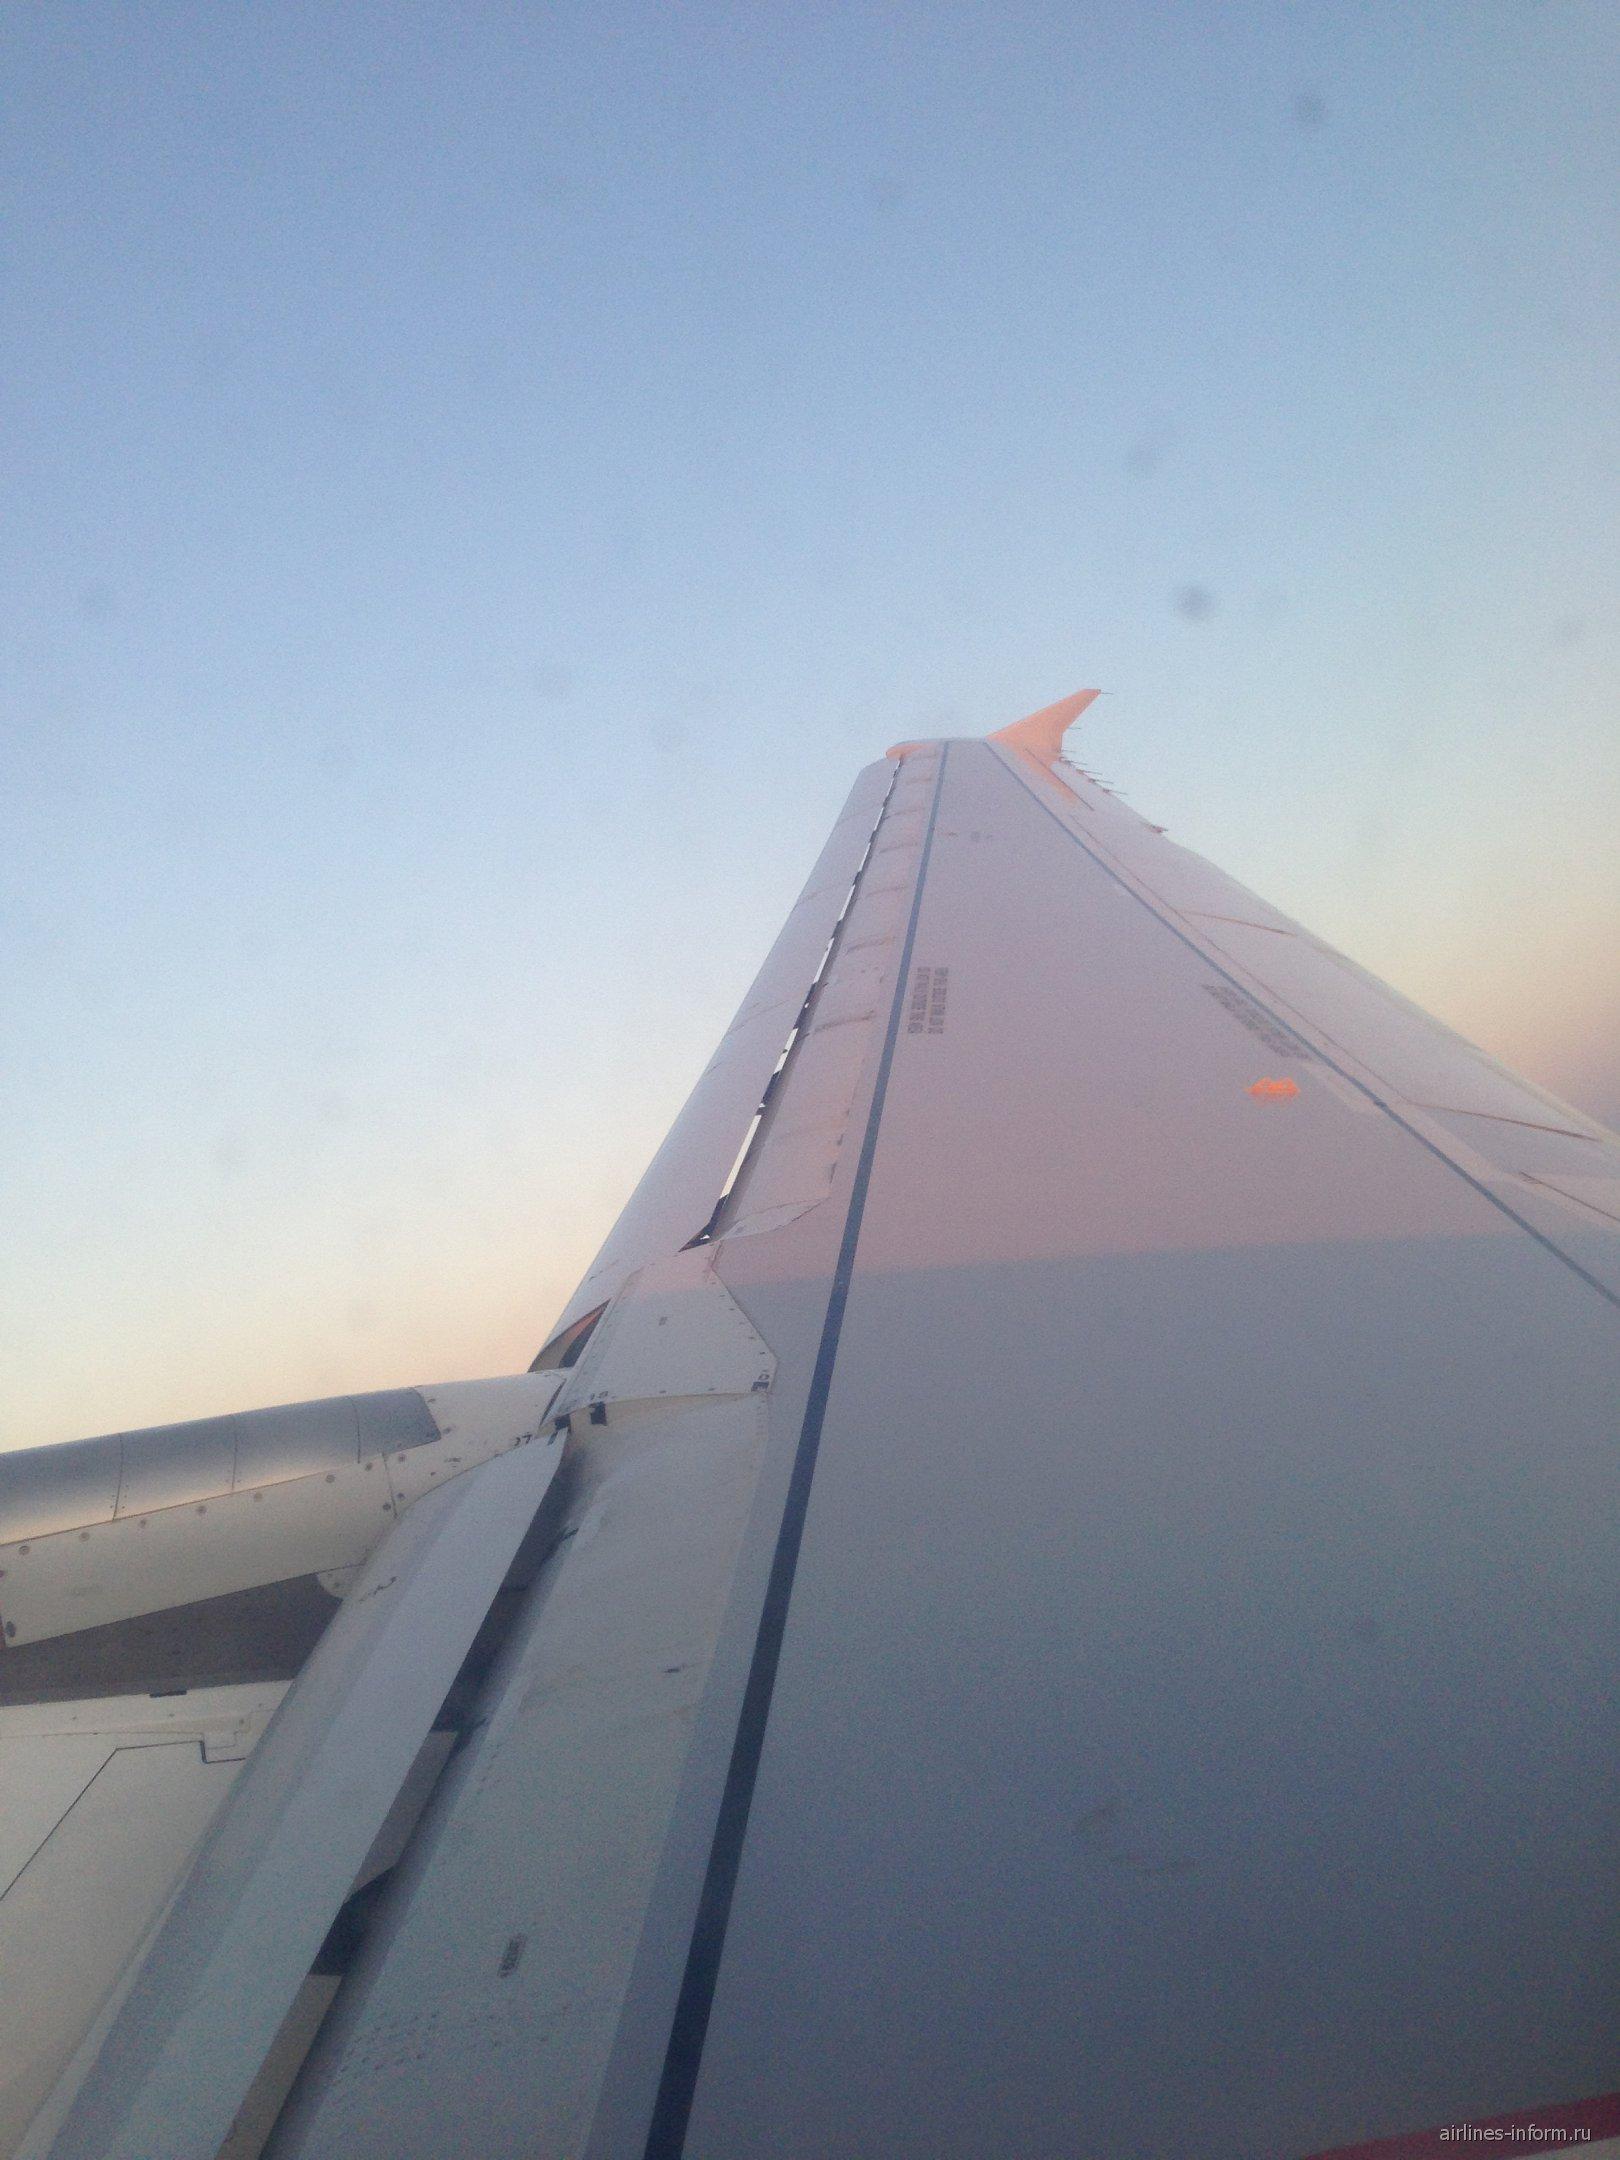 Рейс авиакомпании Nouvelair Энфида-Санкт-Петербург